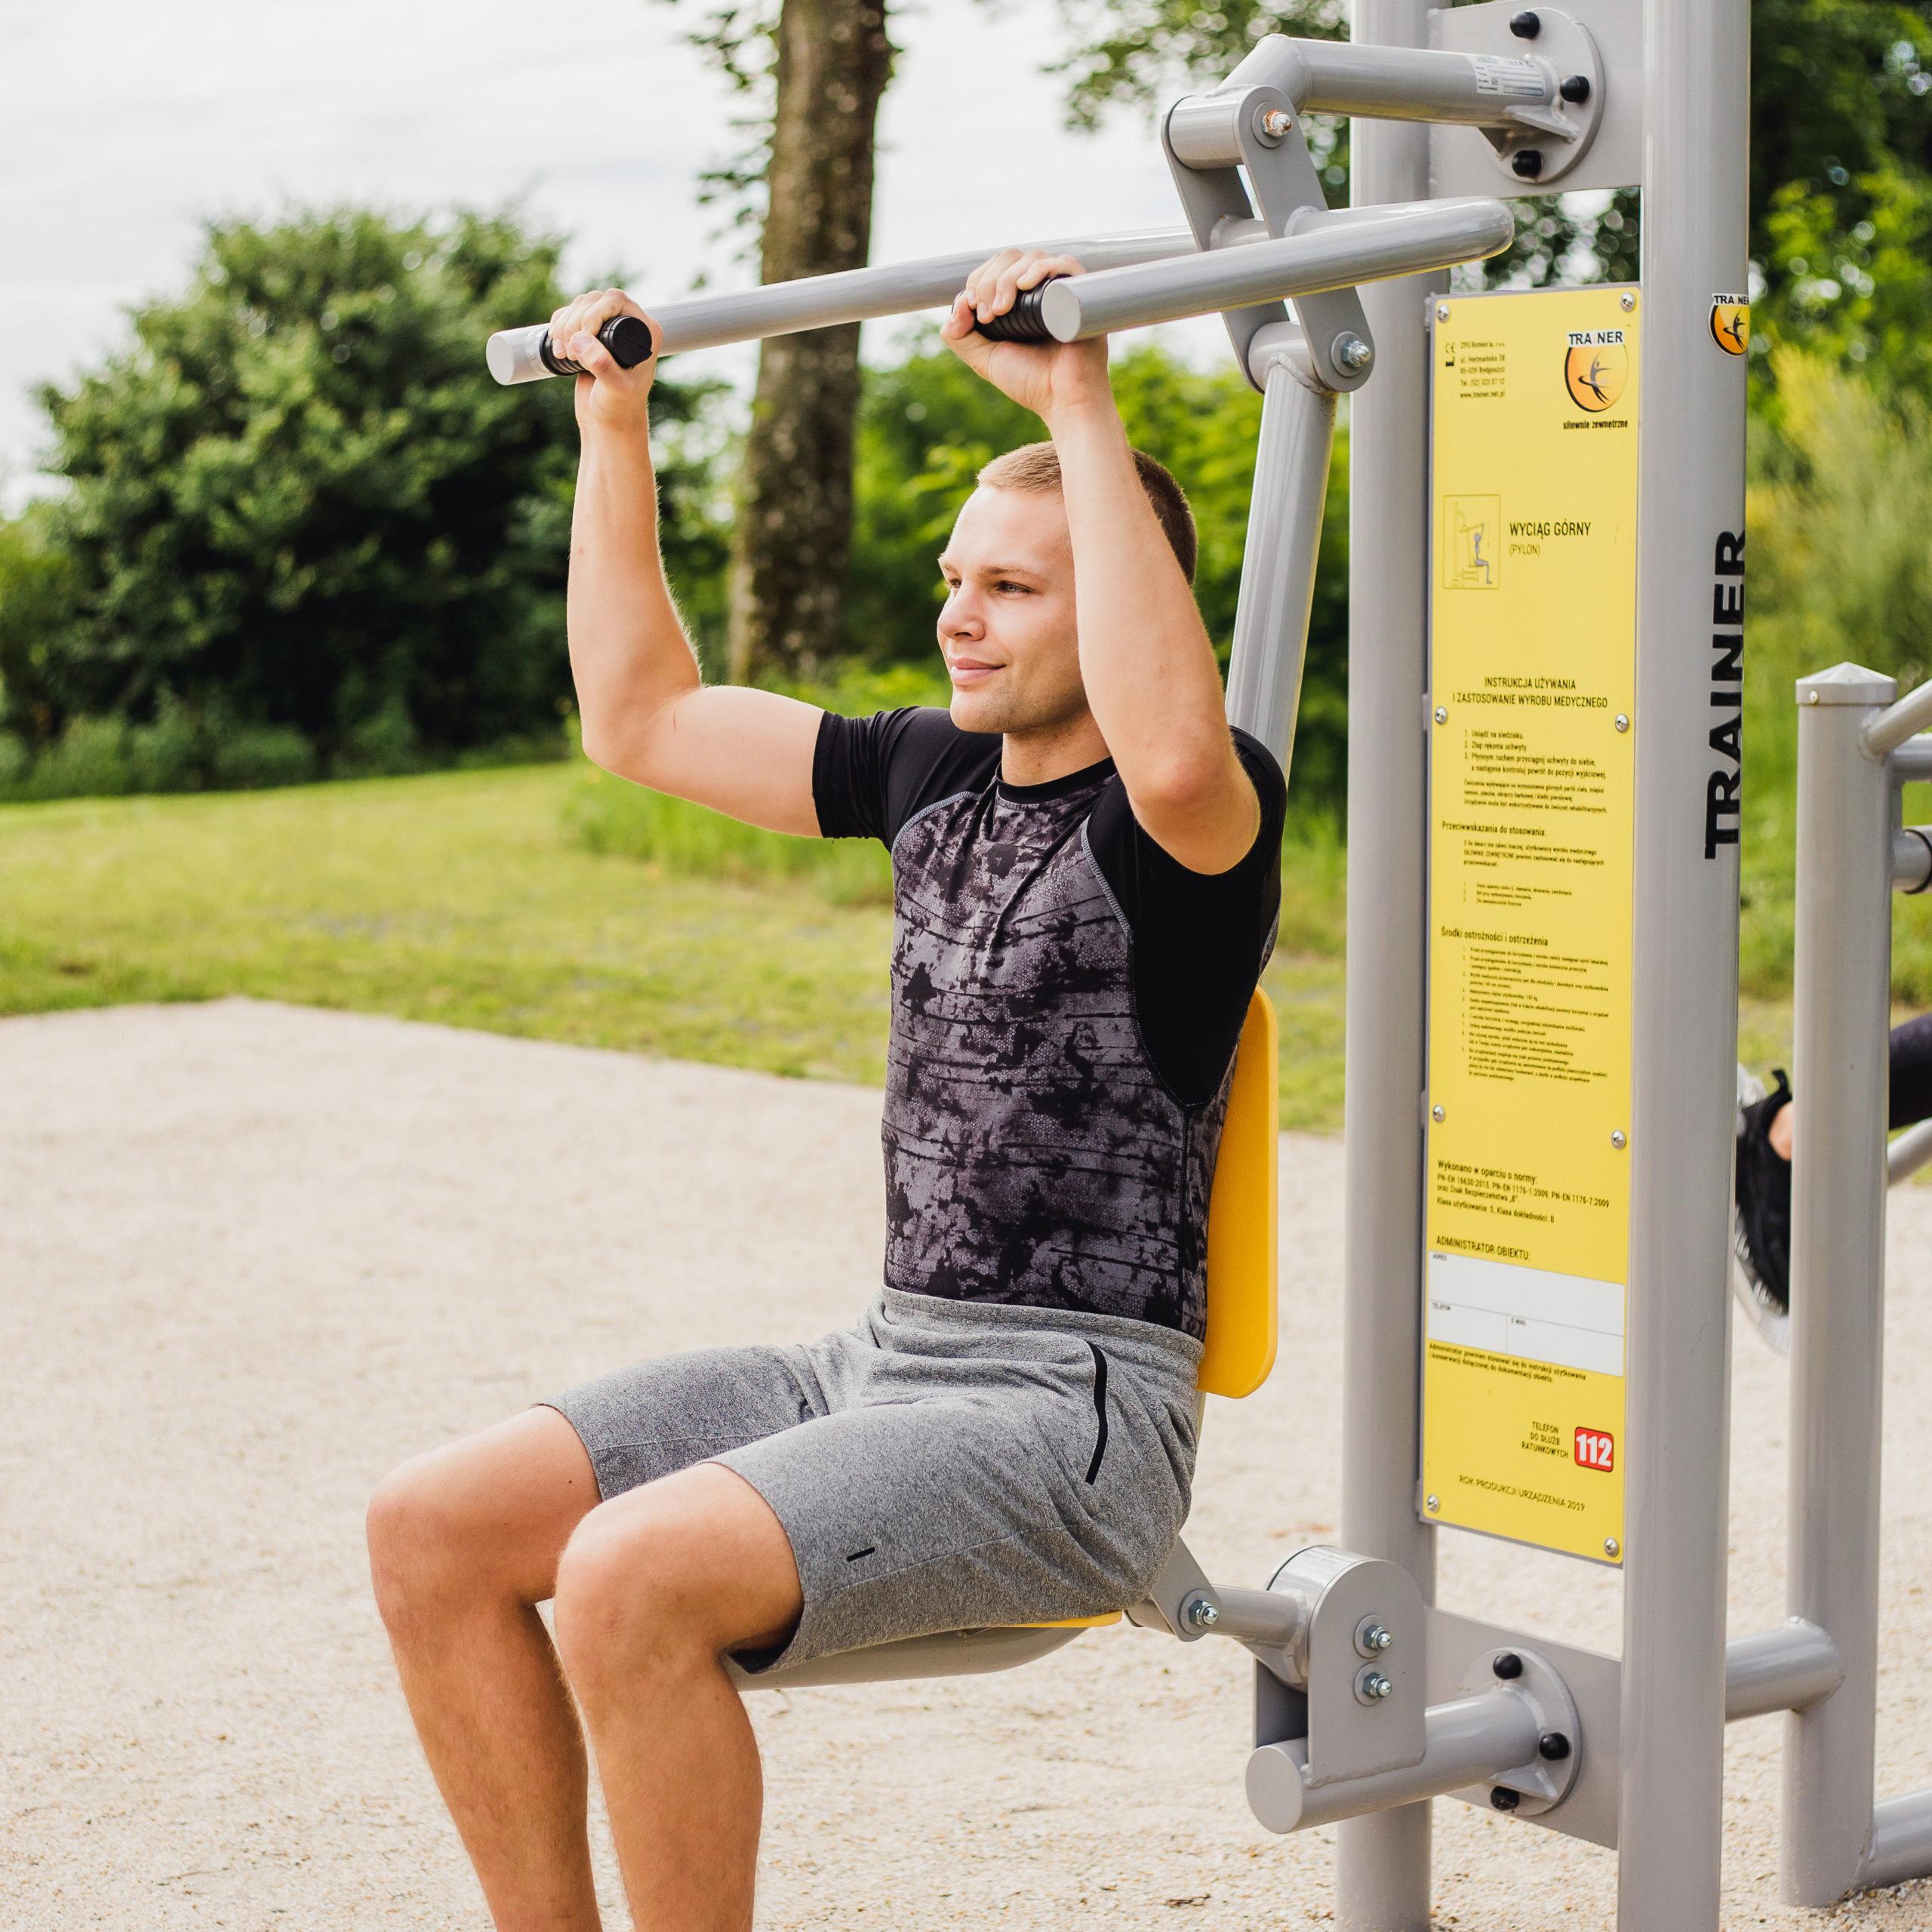 <span>Outdoor Fitnessgeräte  - TRAINER</span> Was unterscheidet uns: